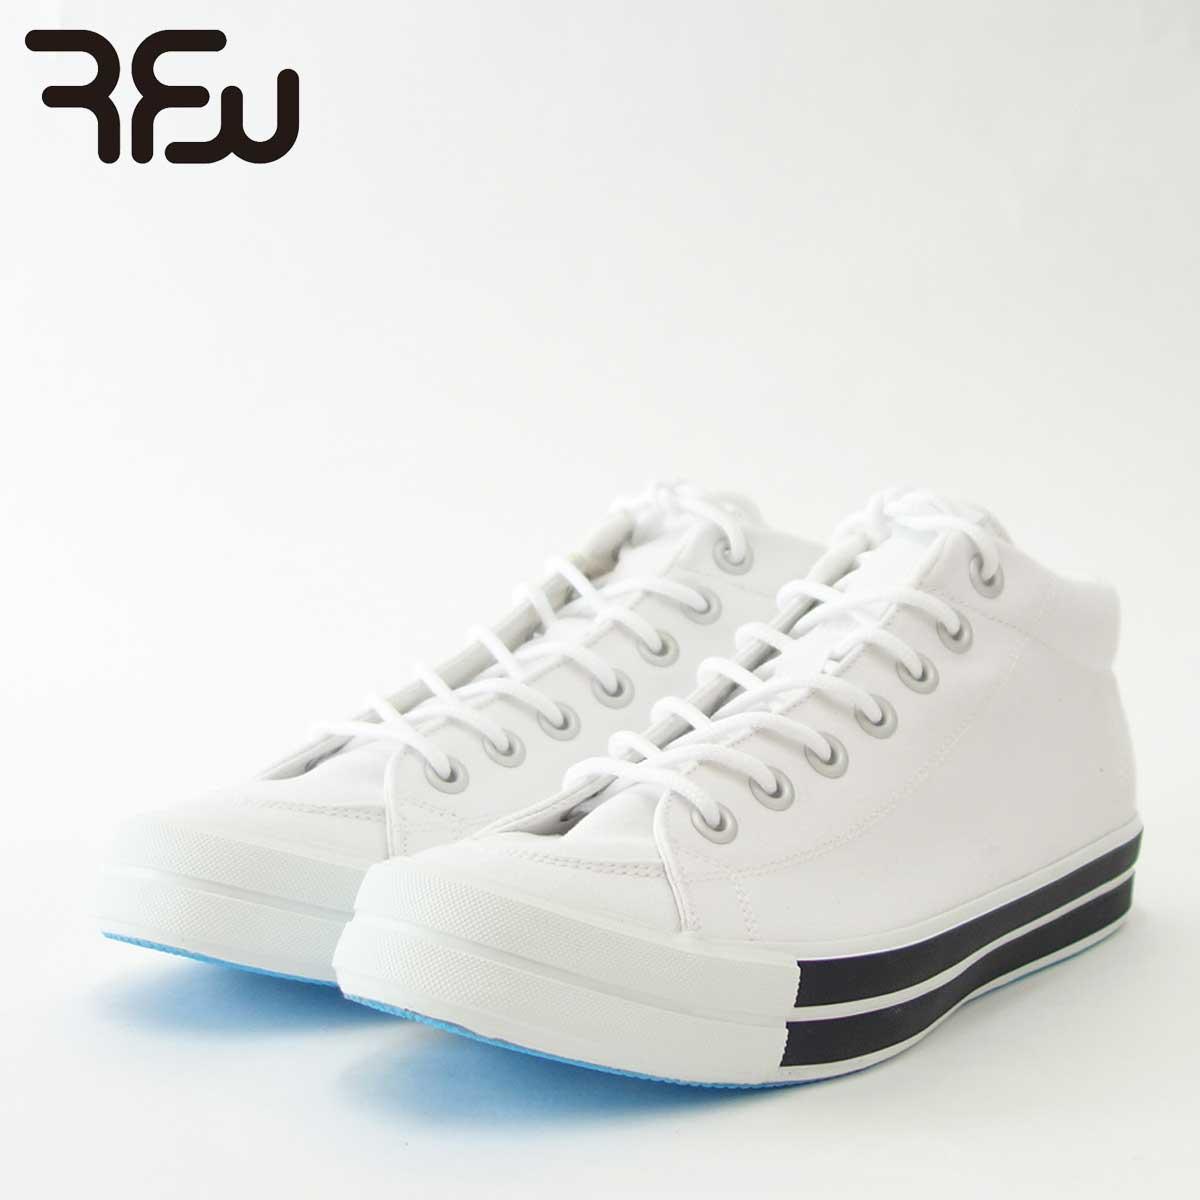 RFW アールエフダブリュー BAGEL-MID STANDARD(ユニセックス)1812031 カラー:ホワイト キャンバスのミッドカットスニーカー 「靴」